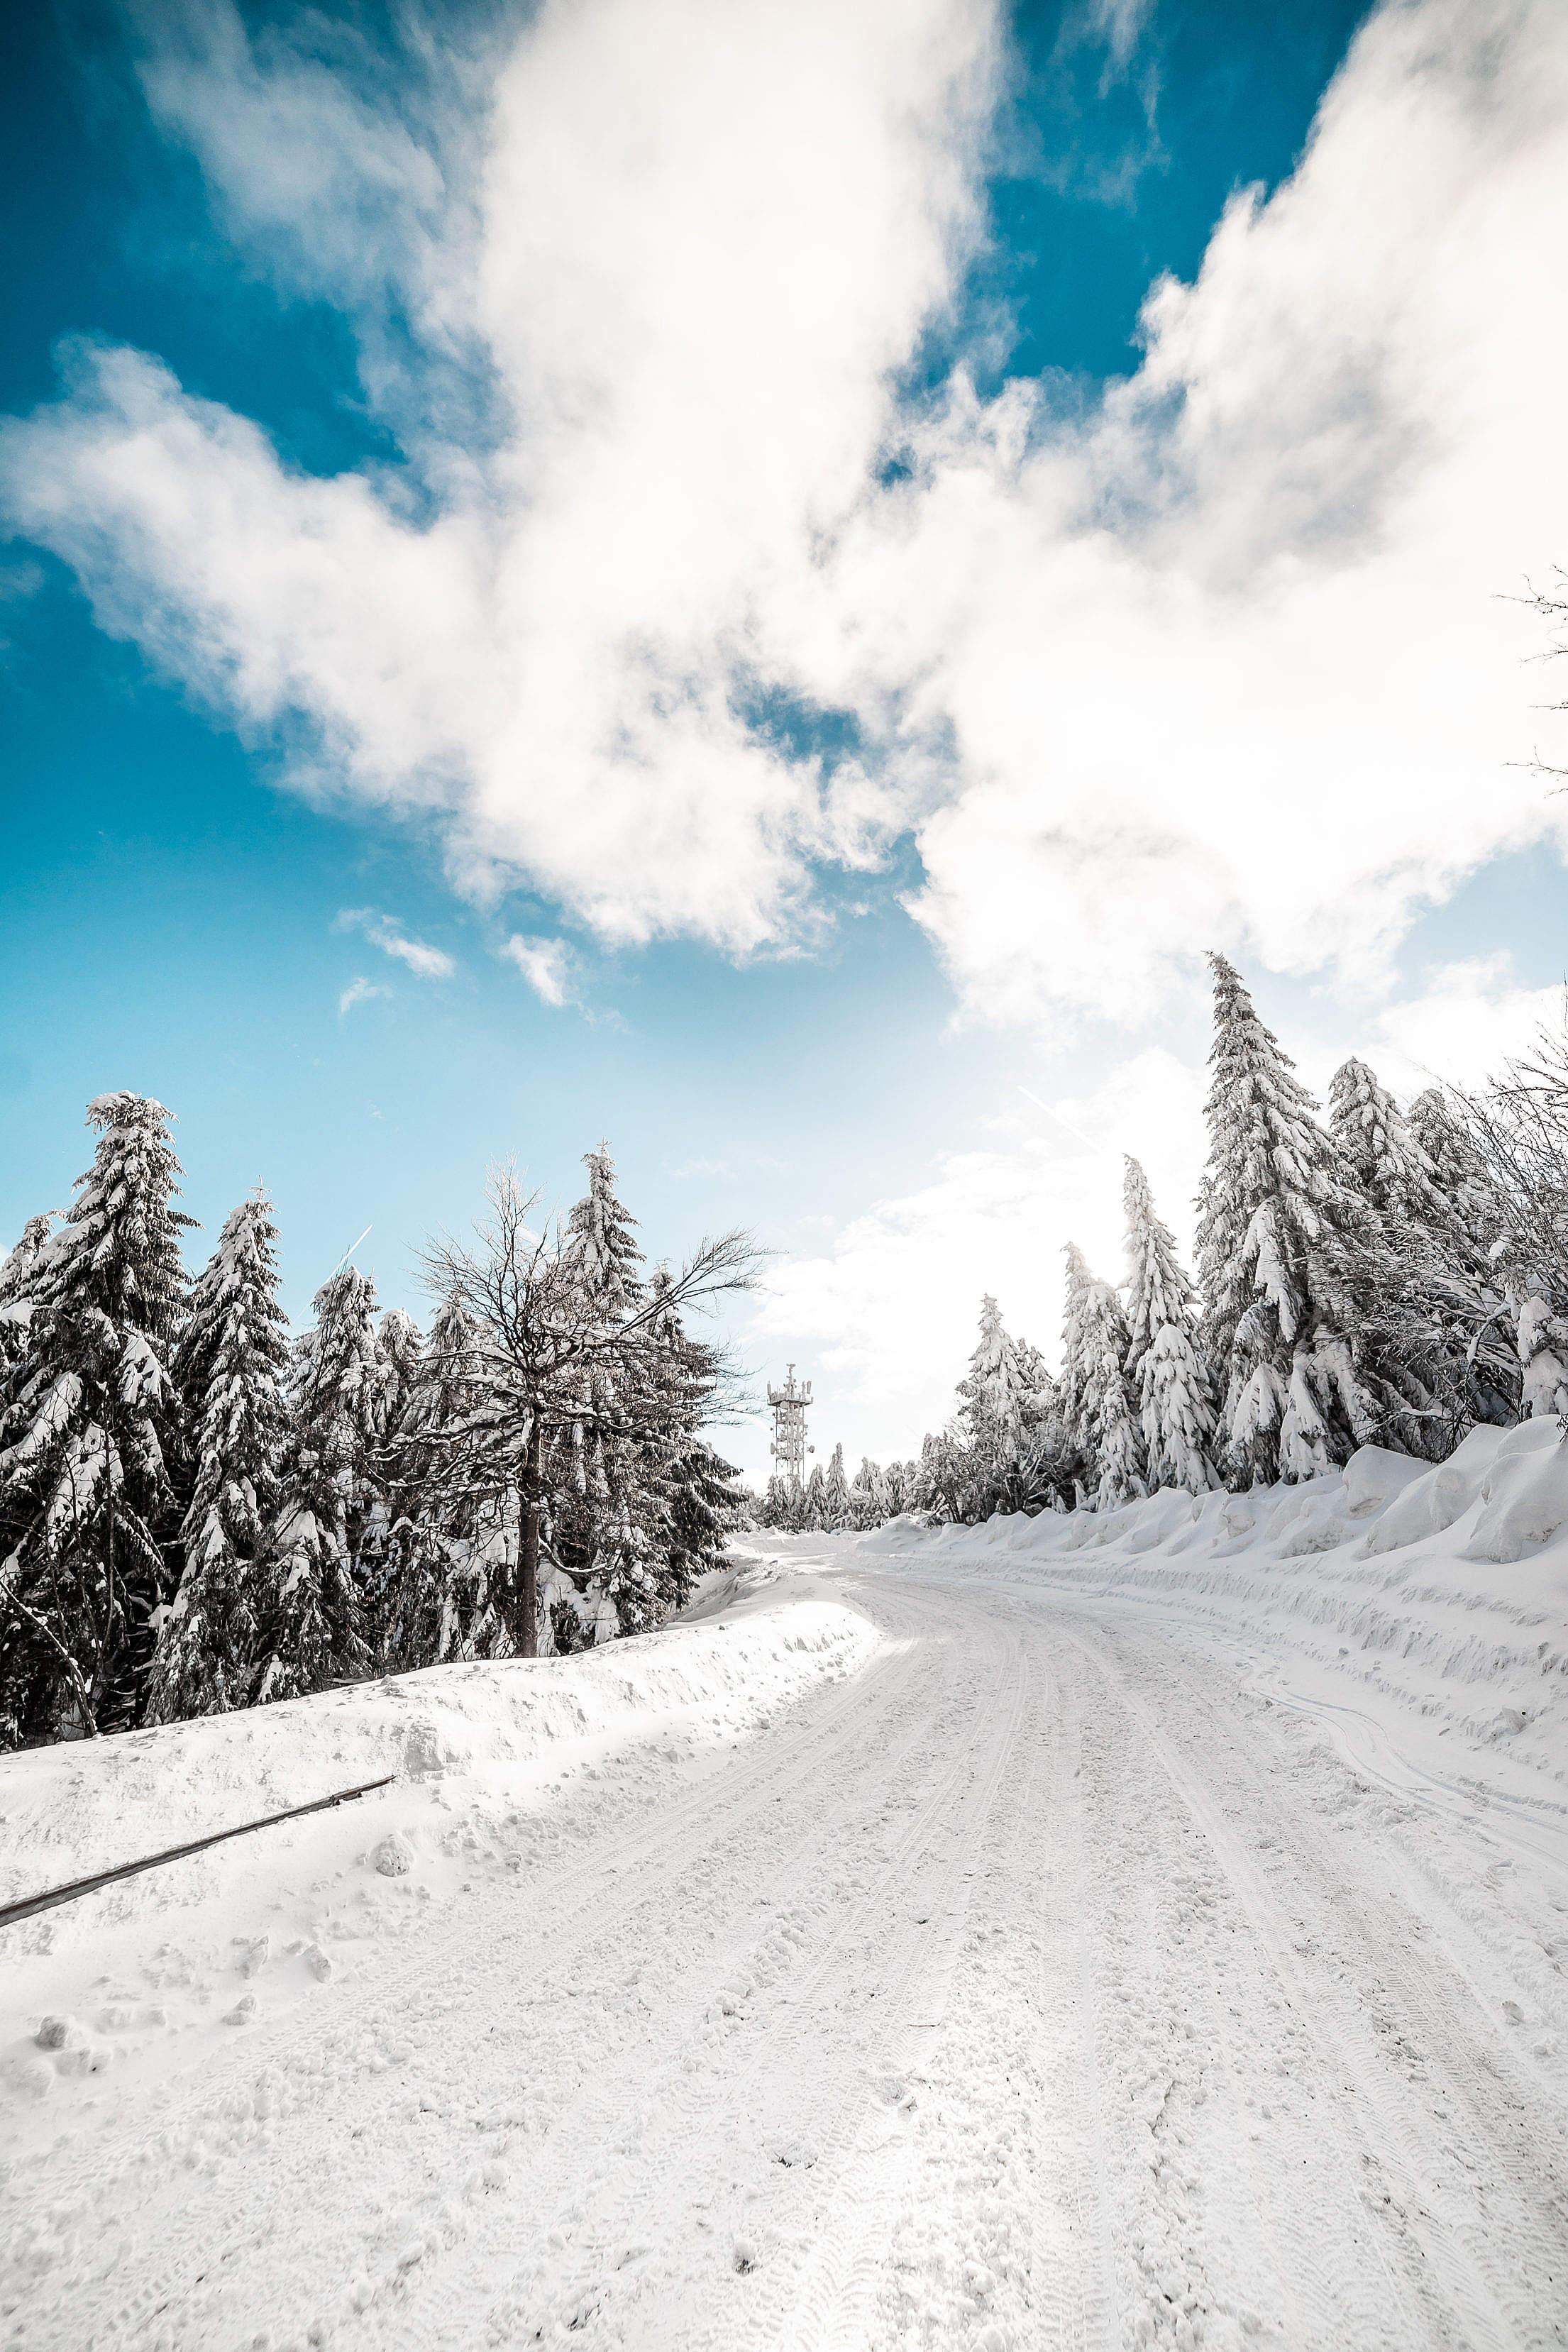 Heavy Snowy Road Free Stock Photo